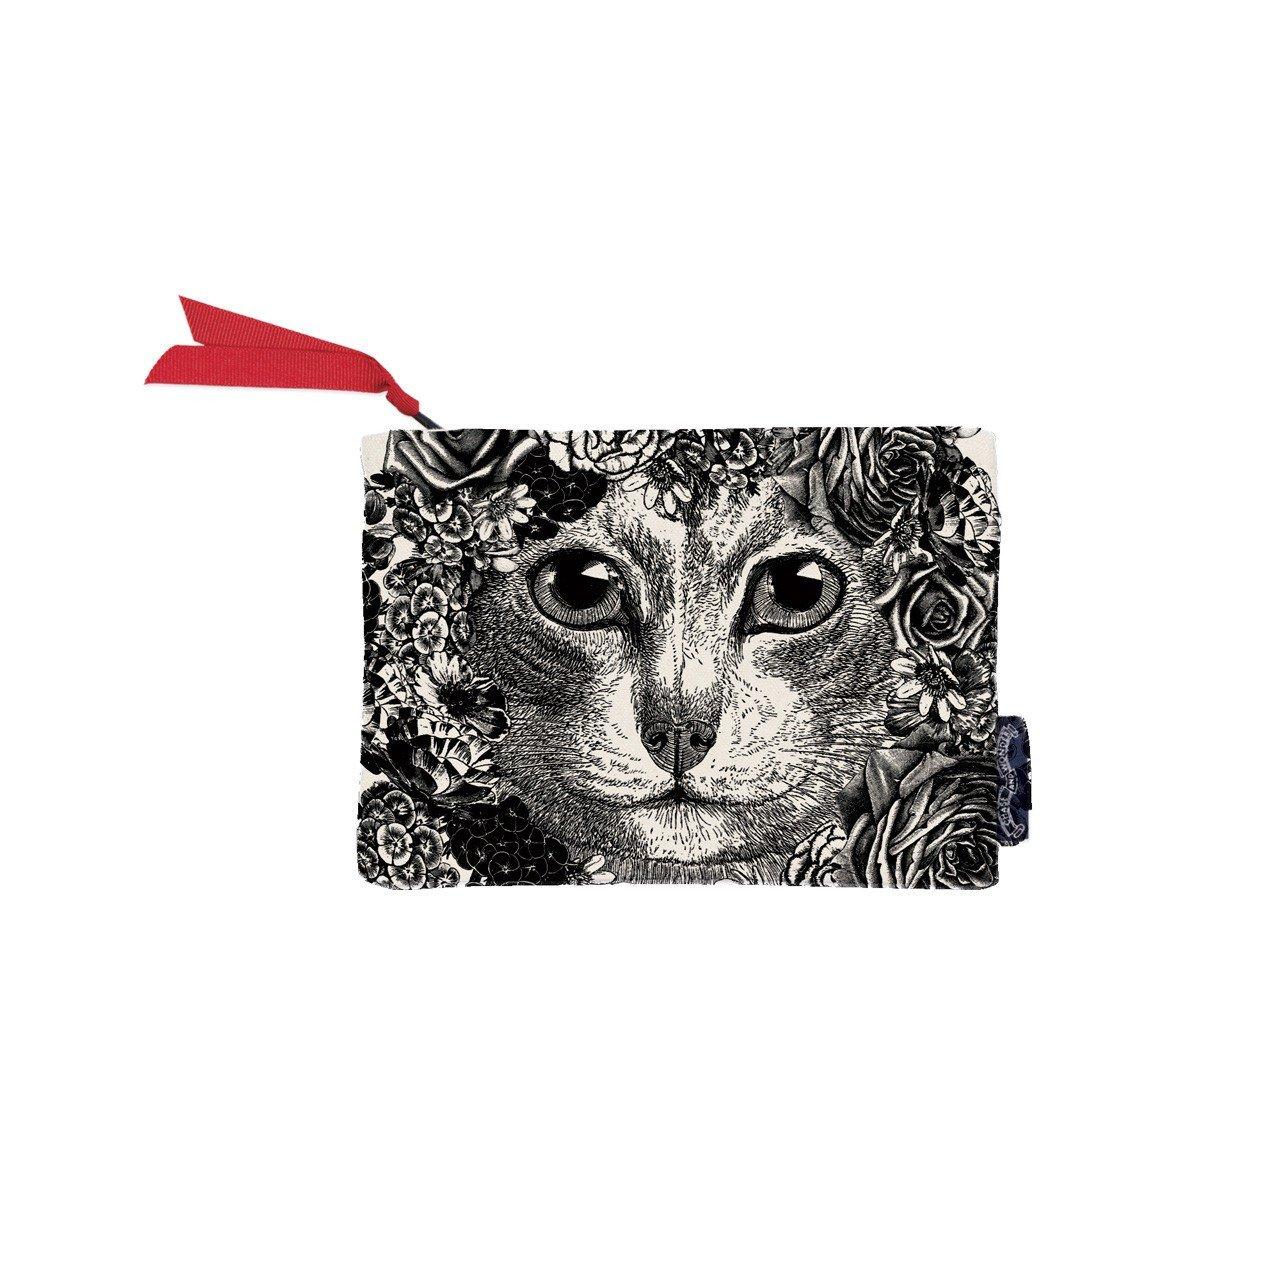 Meikkipussi flowercat